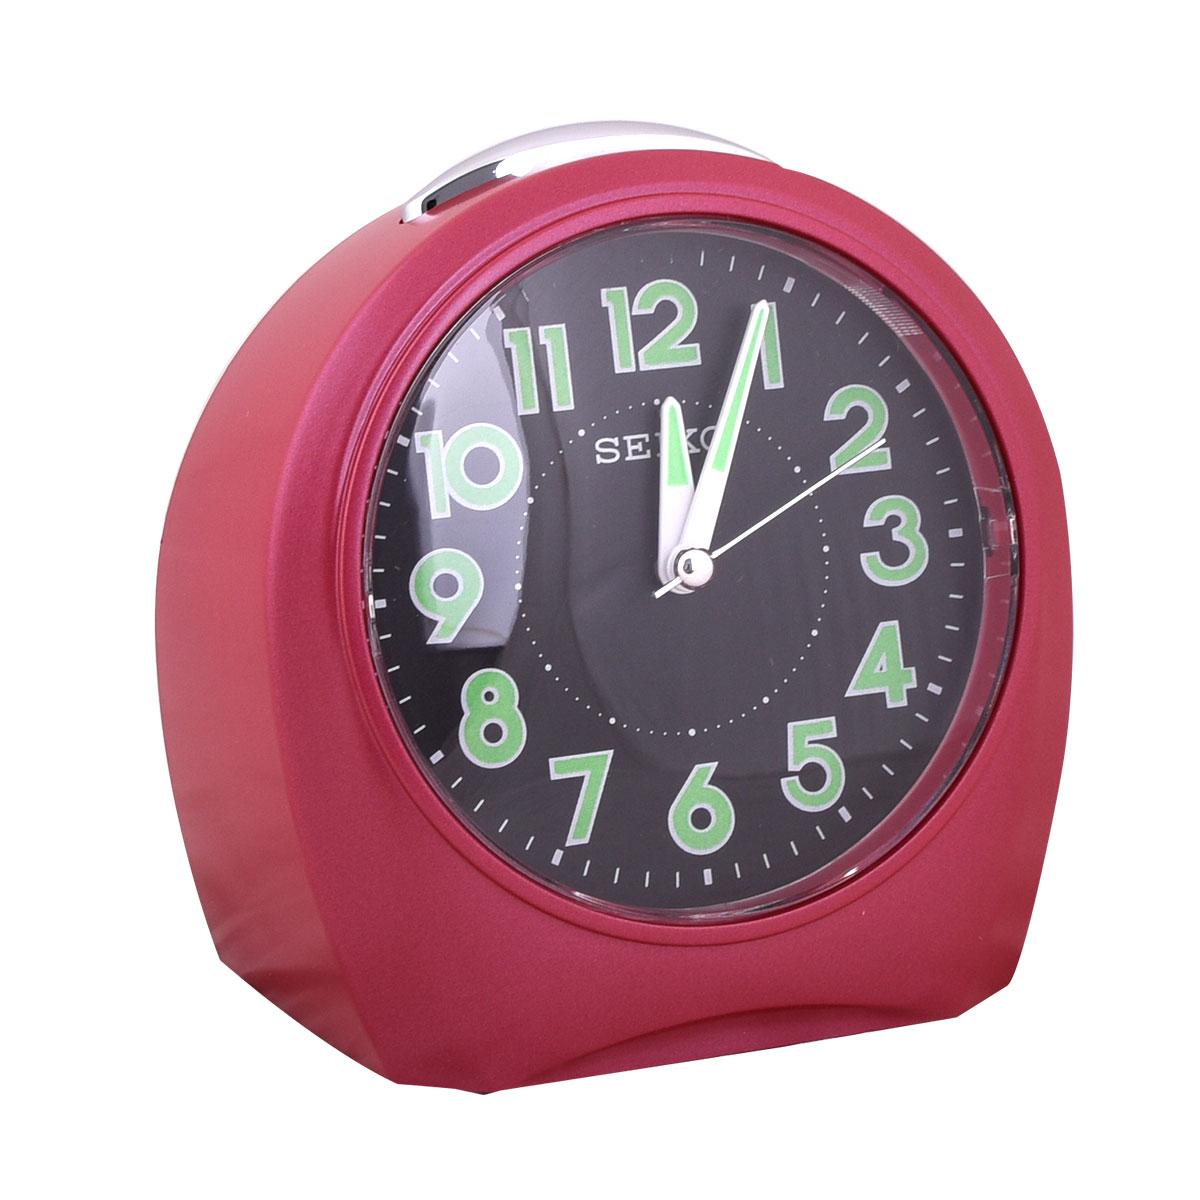 ساعة منبه SEIKO رقم QHK019R